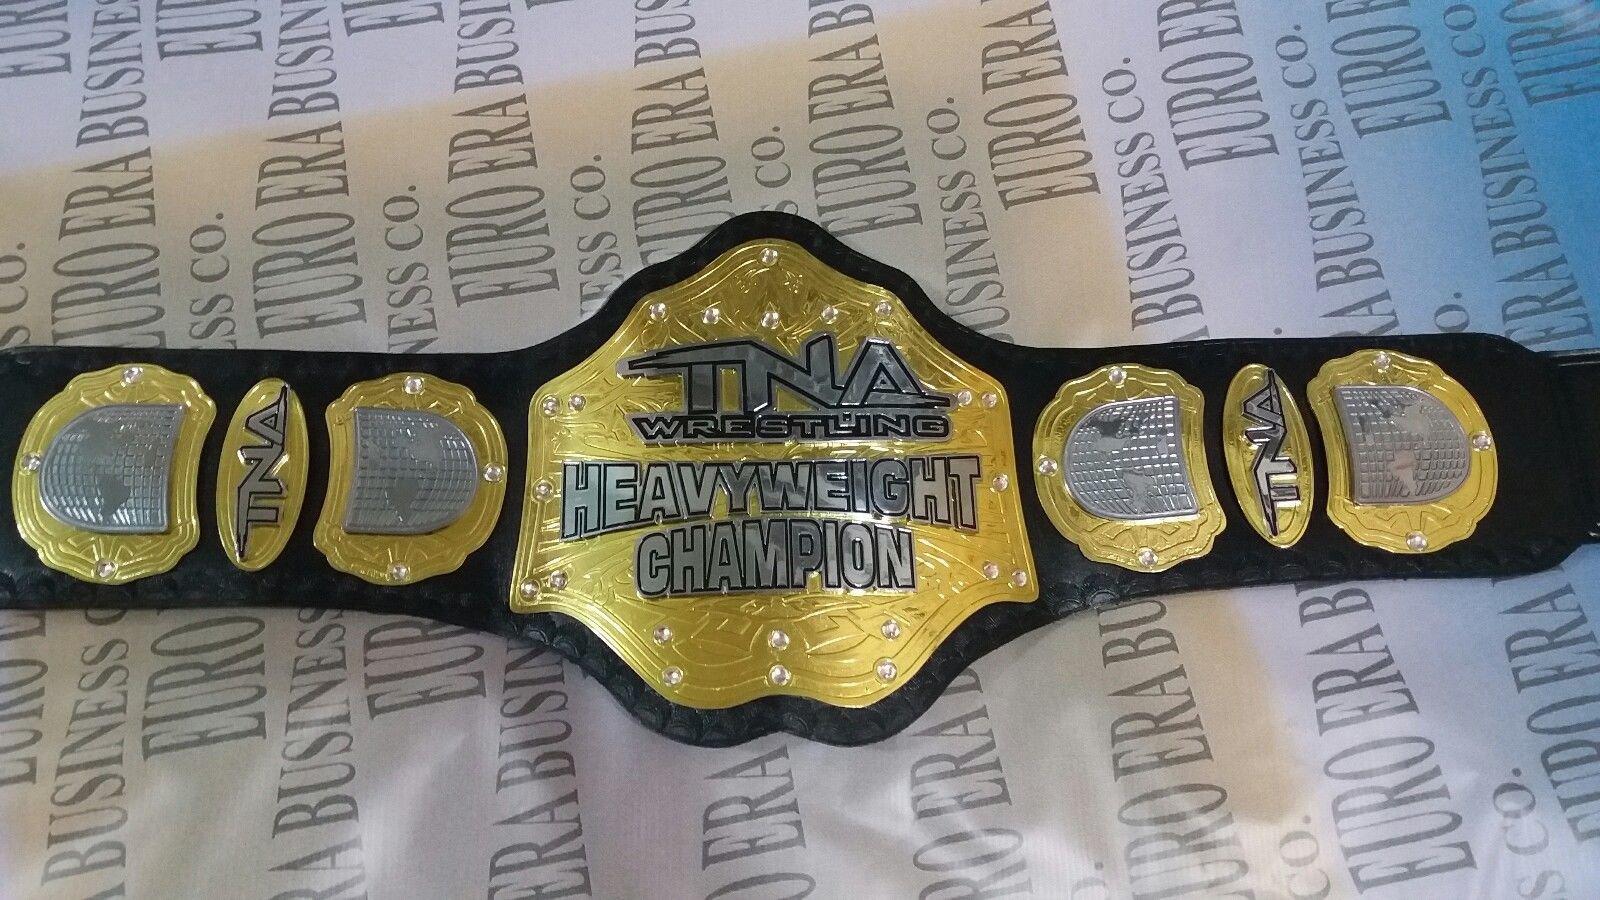 New Replica TNA Championship Belt Adult Size, Metal Plates & Bag